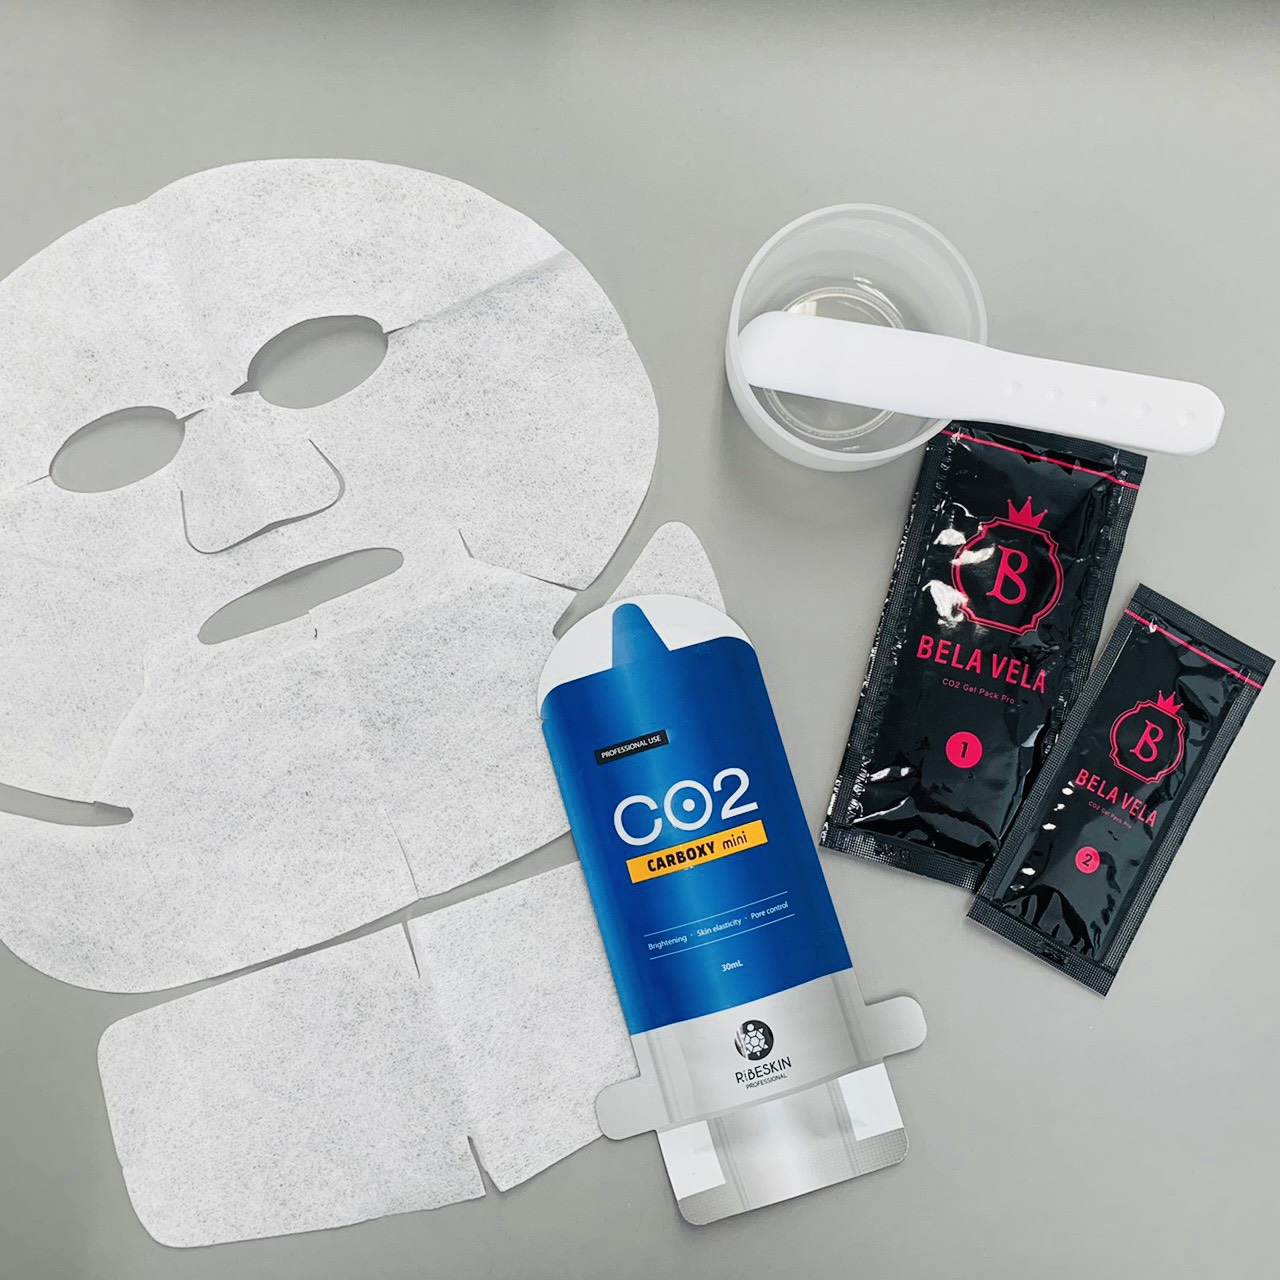 BELA VELA CO2 Gel Pack Pro[3回分]¥3,600(BELA VELA)